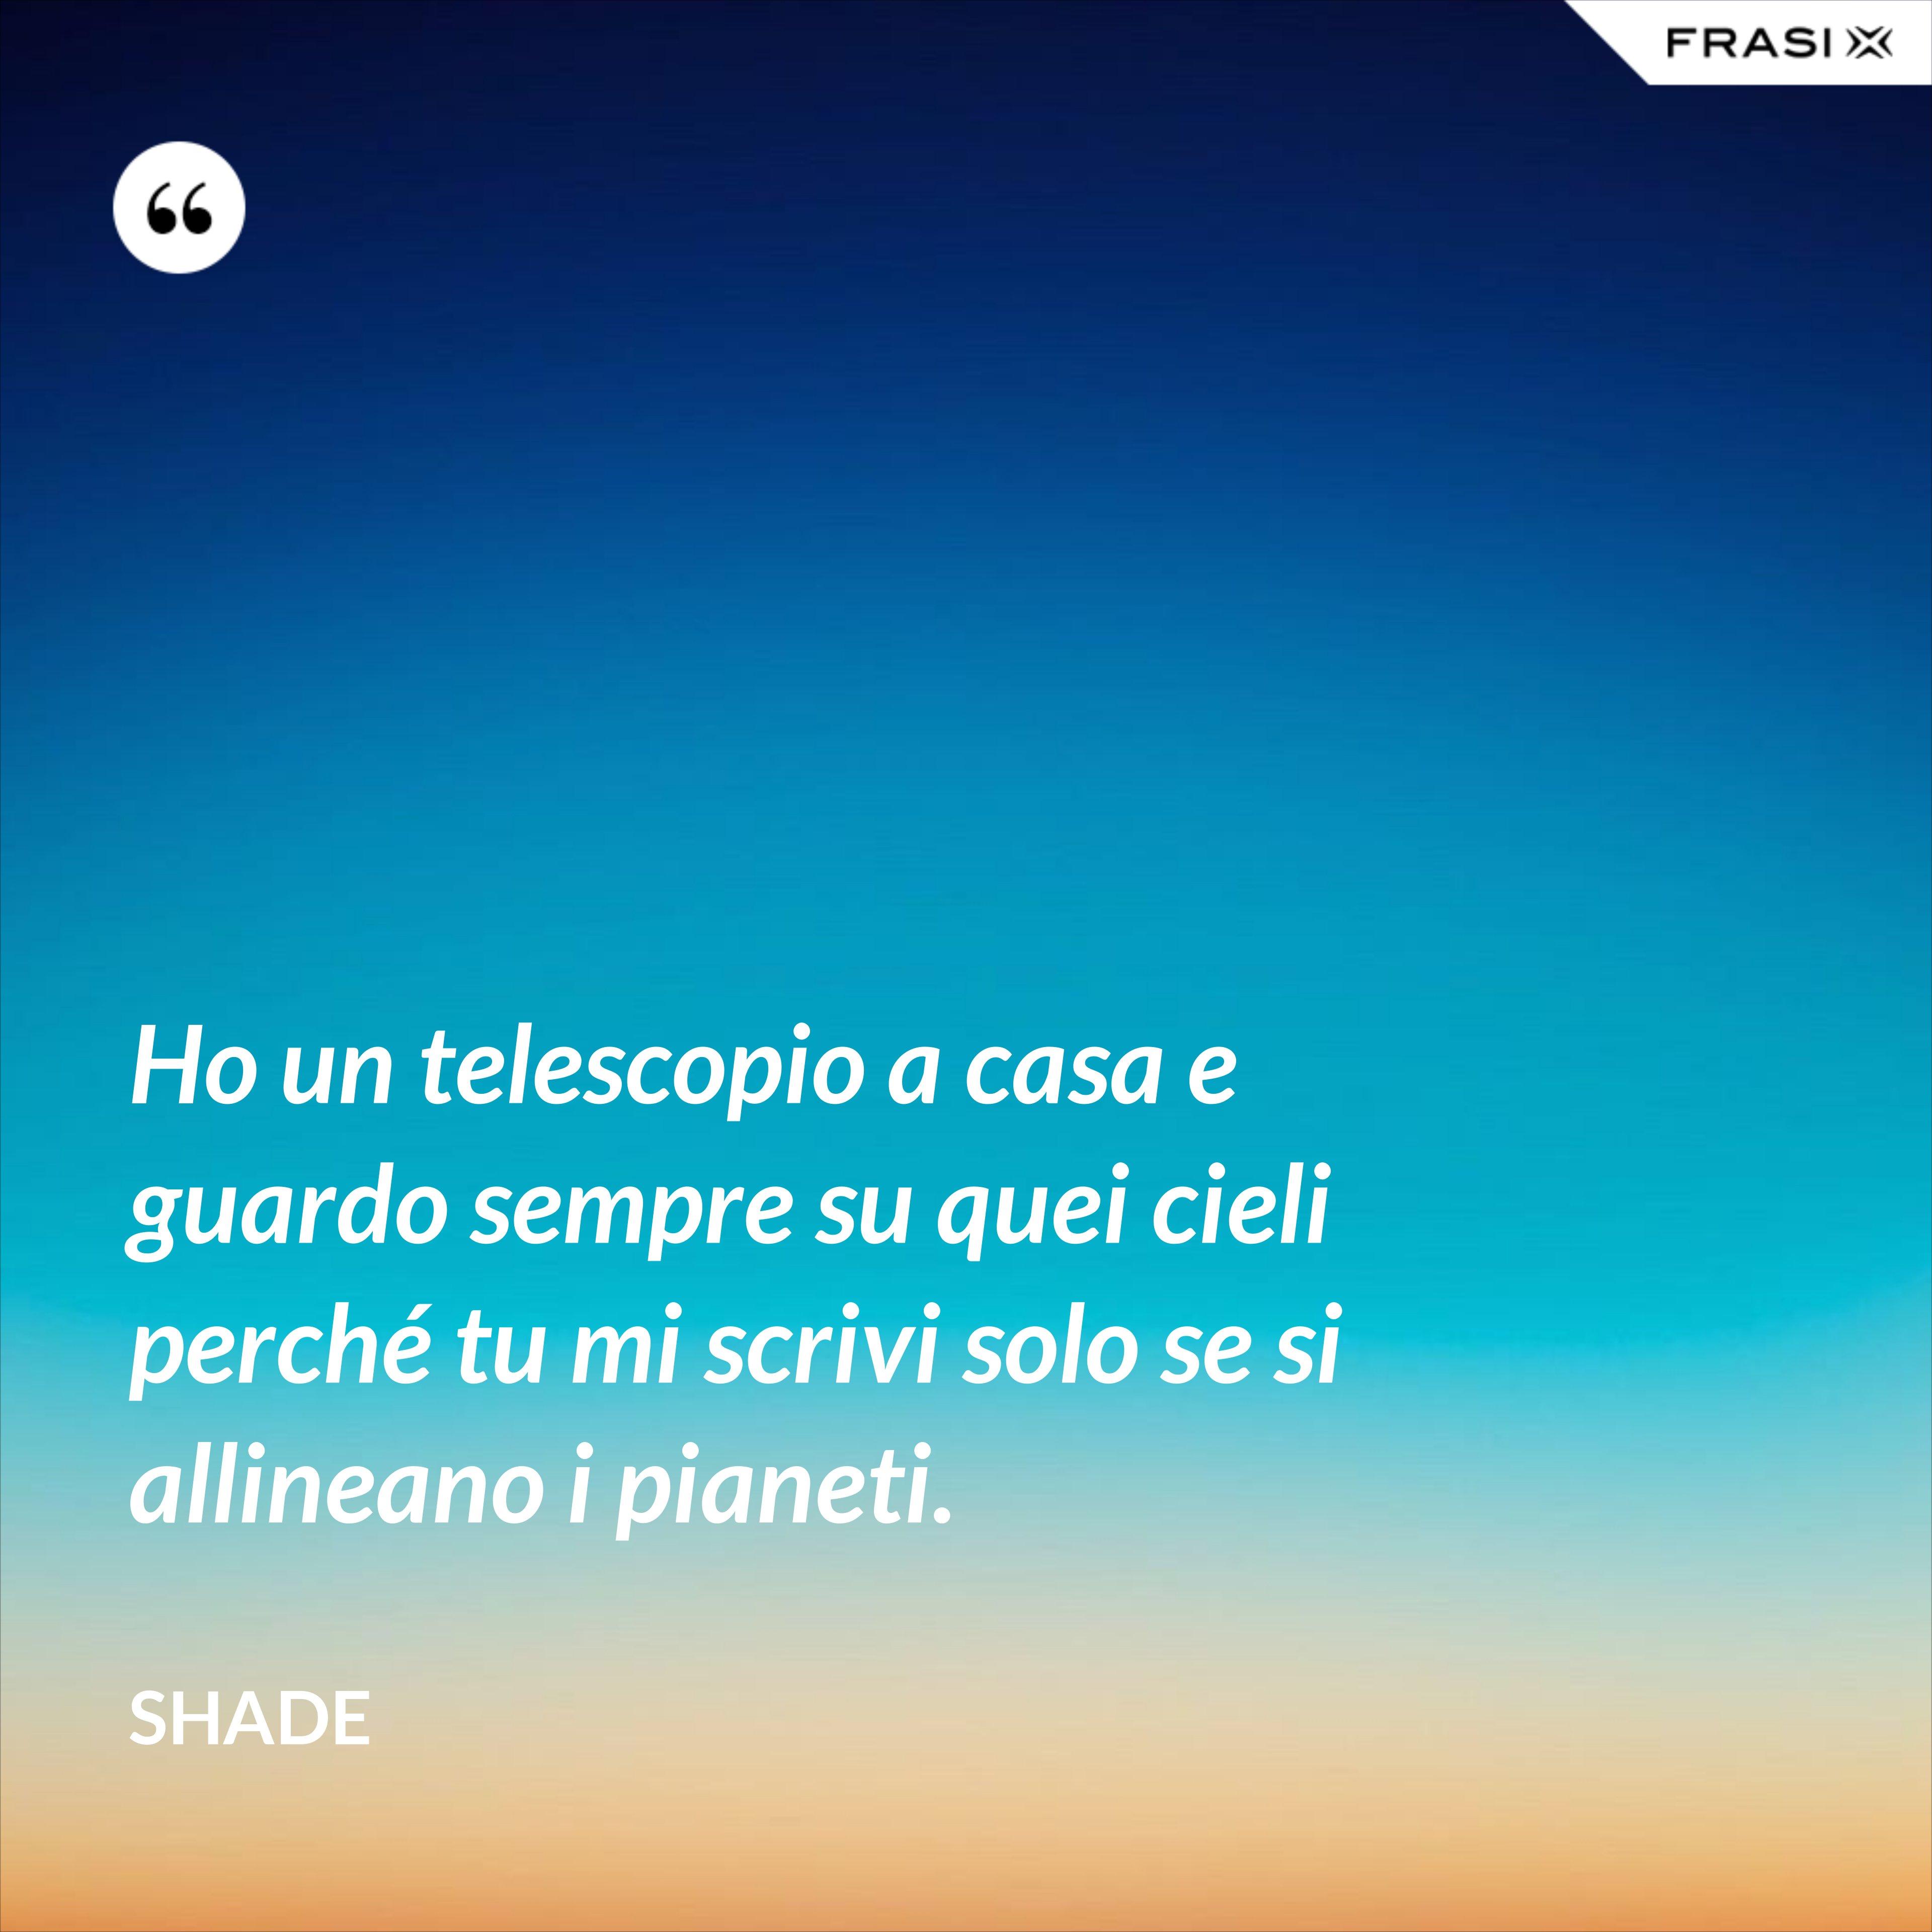 Ho un telescopio a casa e guardo sempre su quei cieli perché tu mi scrivi solo se si allineano i pianeti. - Shade